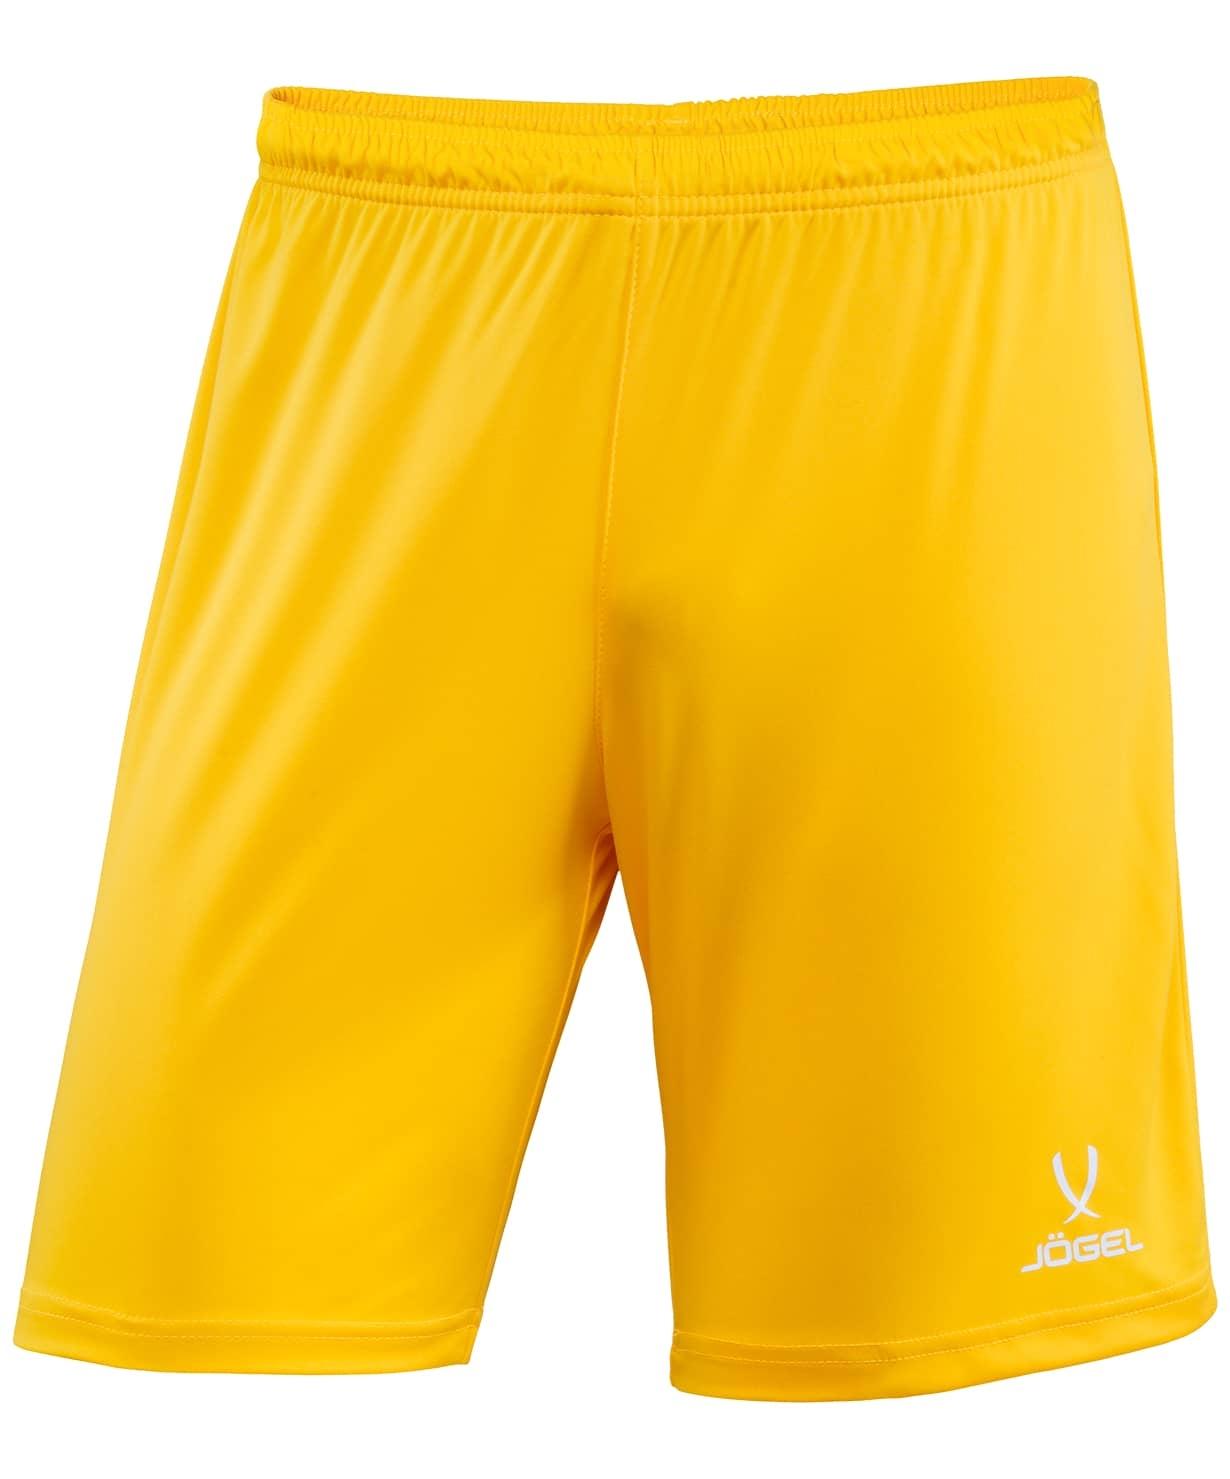 Шорты футбольные CAMP JFS-1120-041-K, желтый/белый, детские